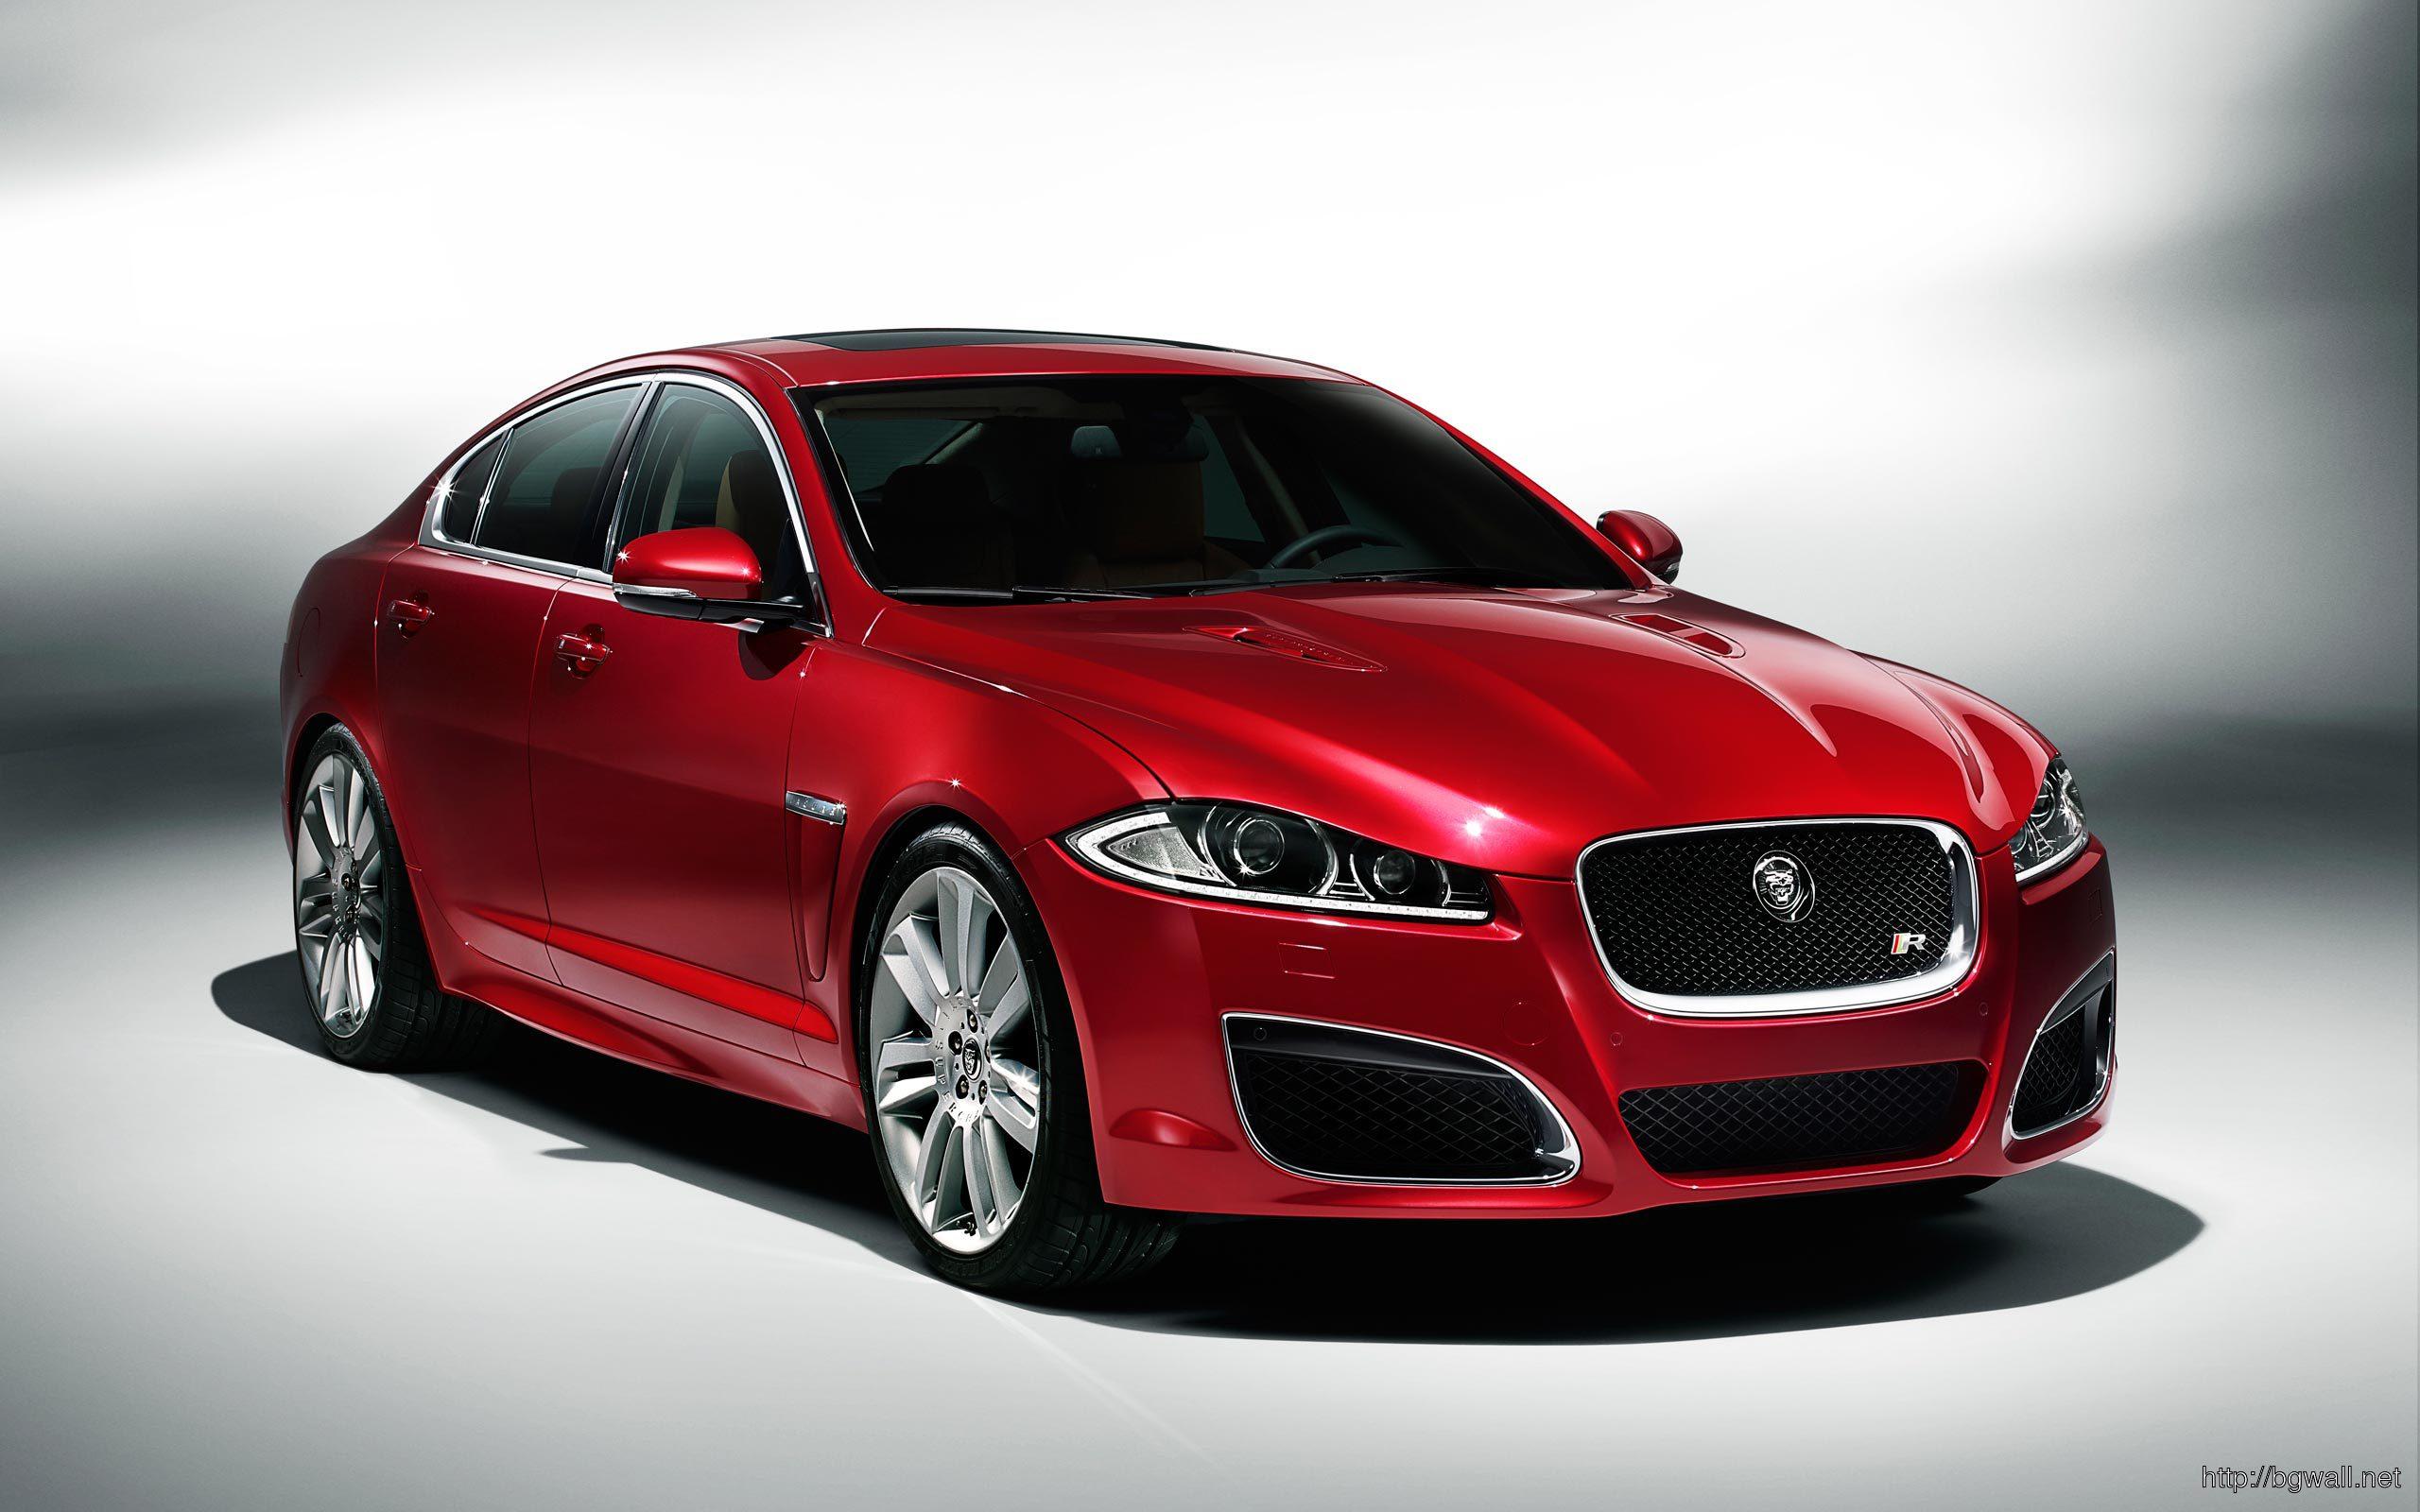 Red-Jaguar-XF-2014-Wallpaper